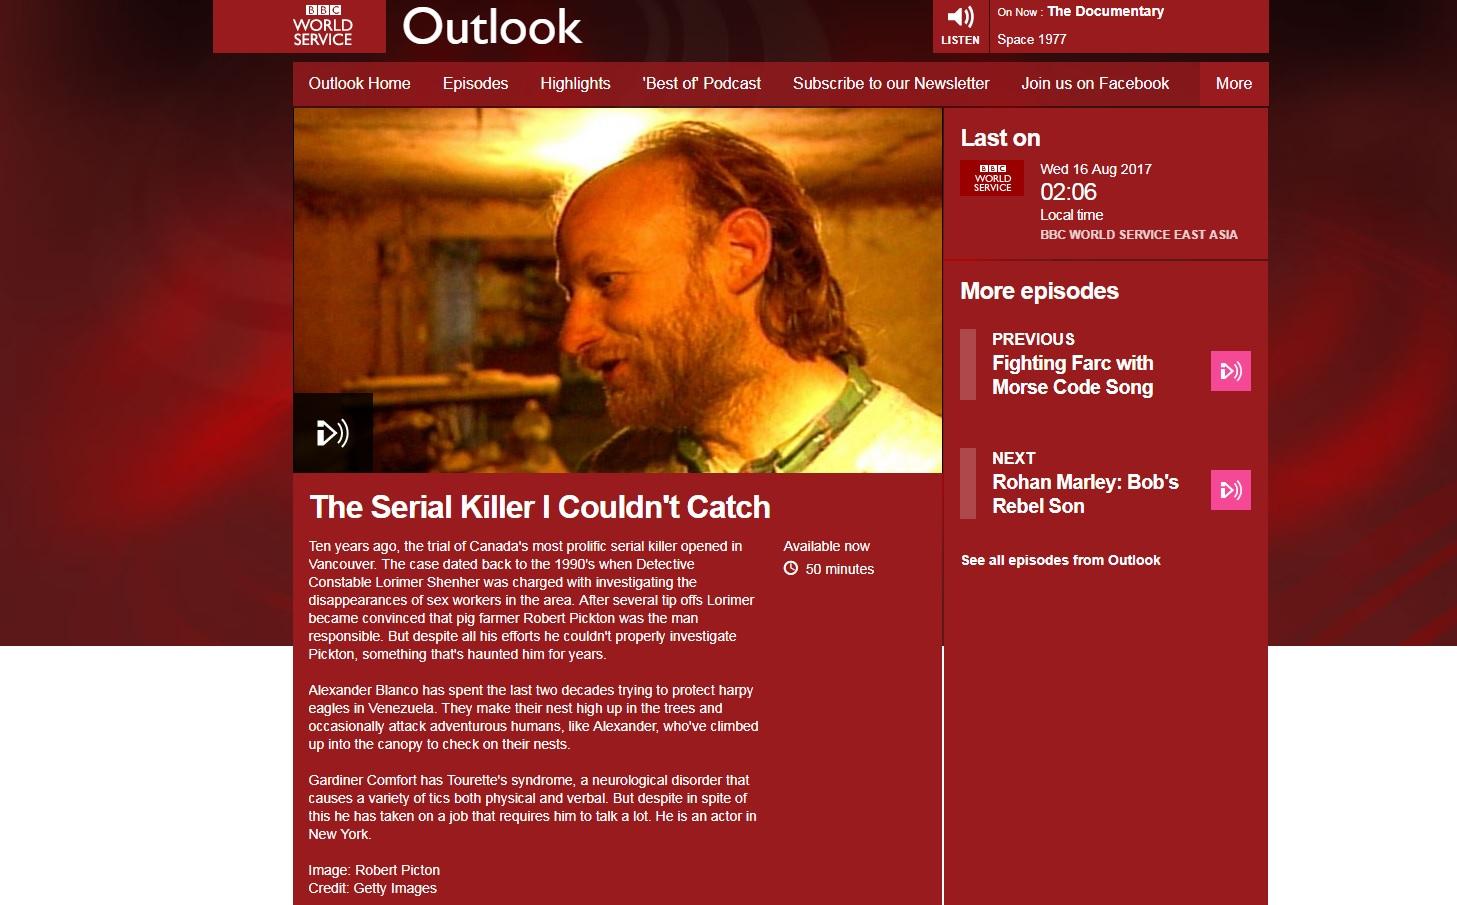 BBC World Broadcast (35:00) - 8/16/17